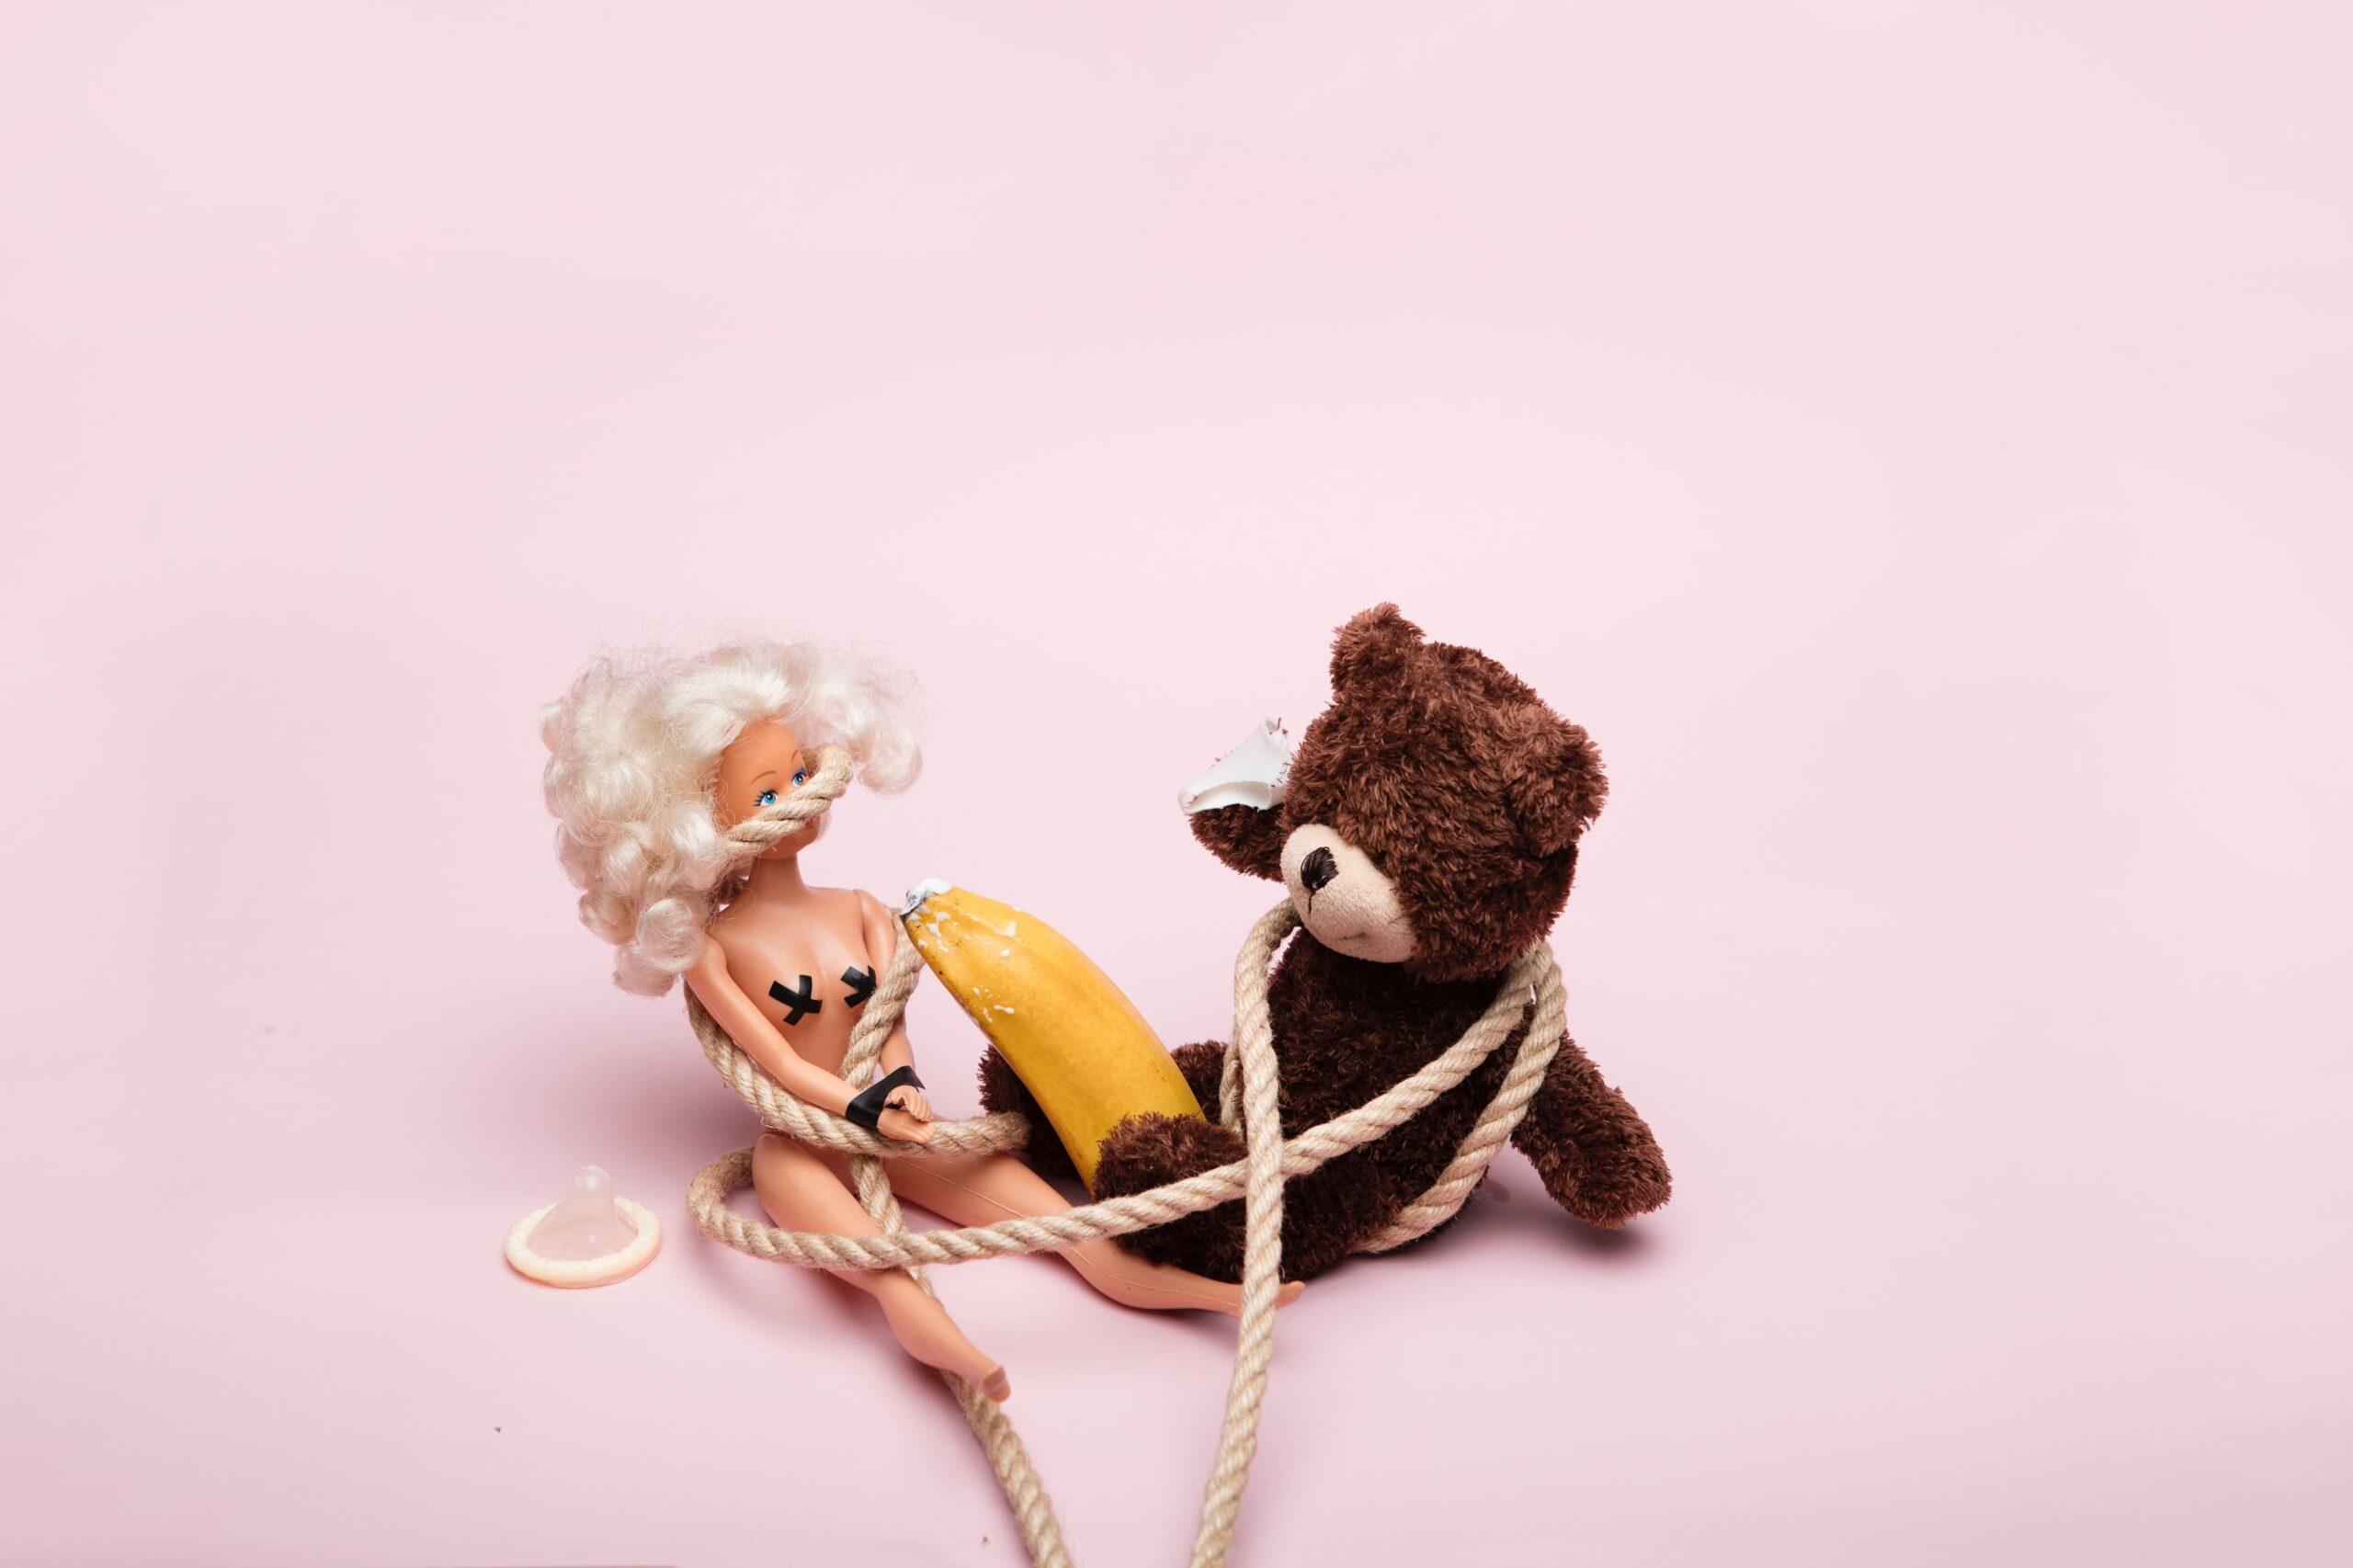 クマと人形の縛りプレイ